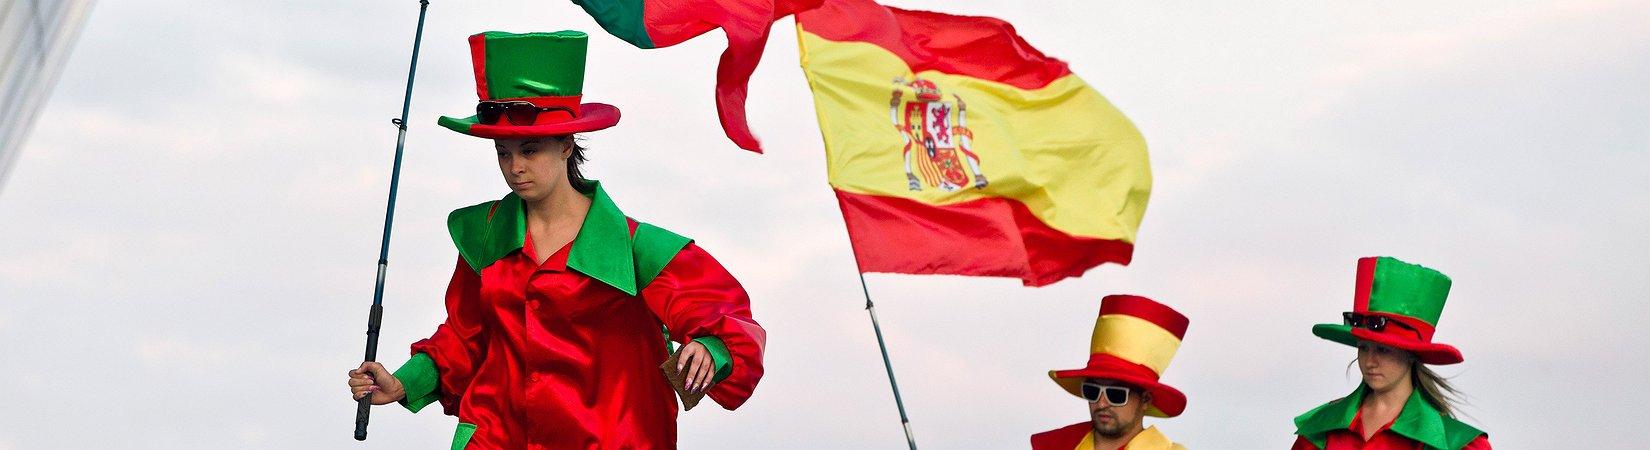 España y Portugal van por caminos separados